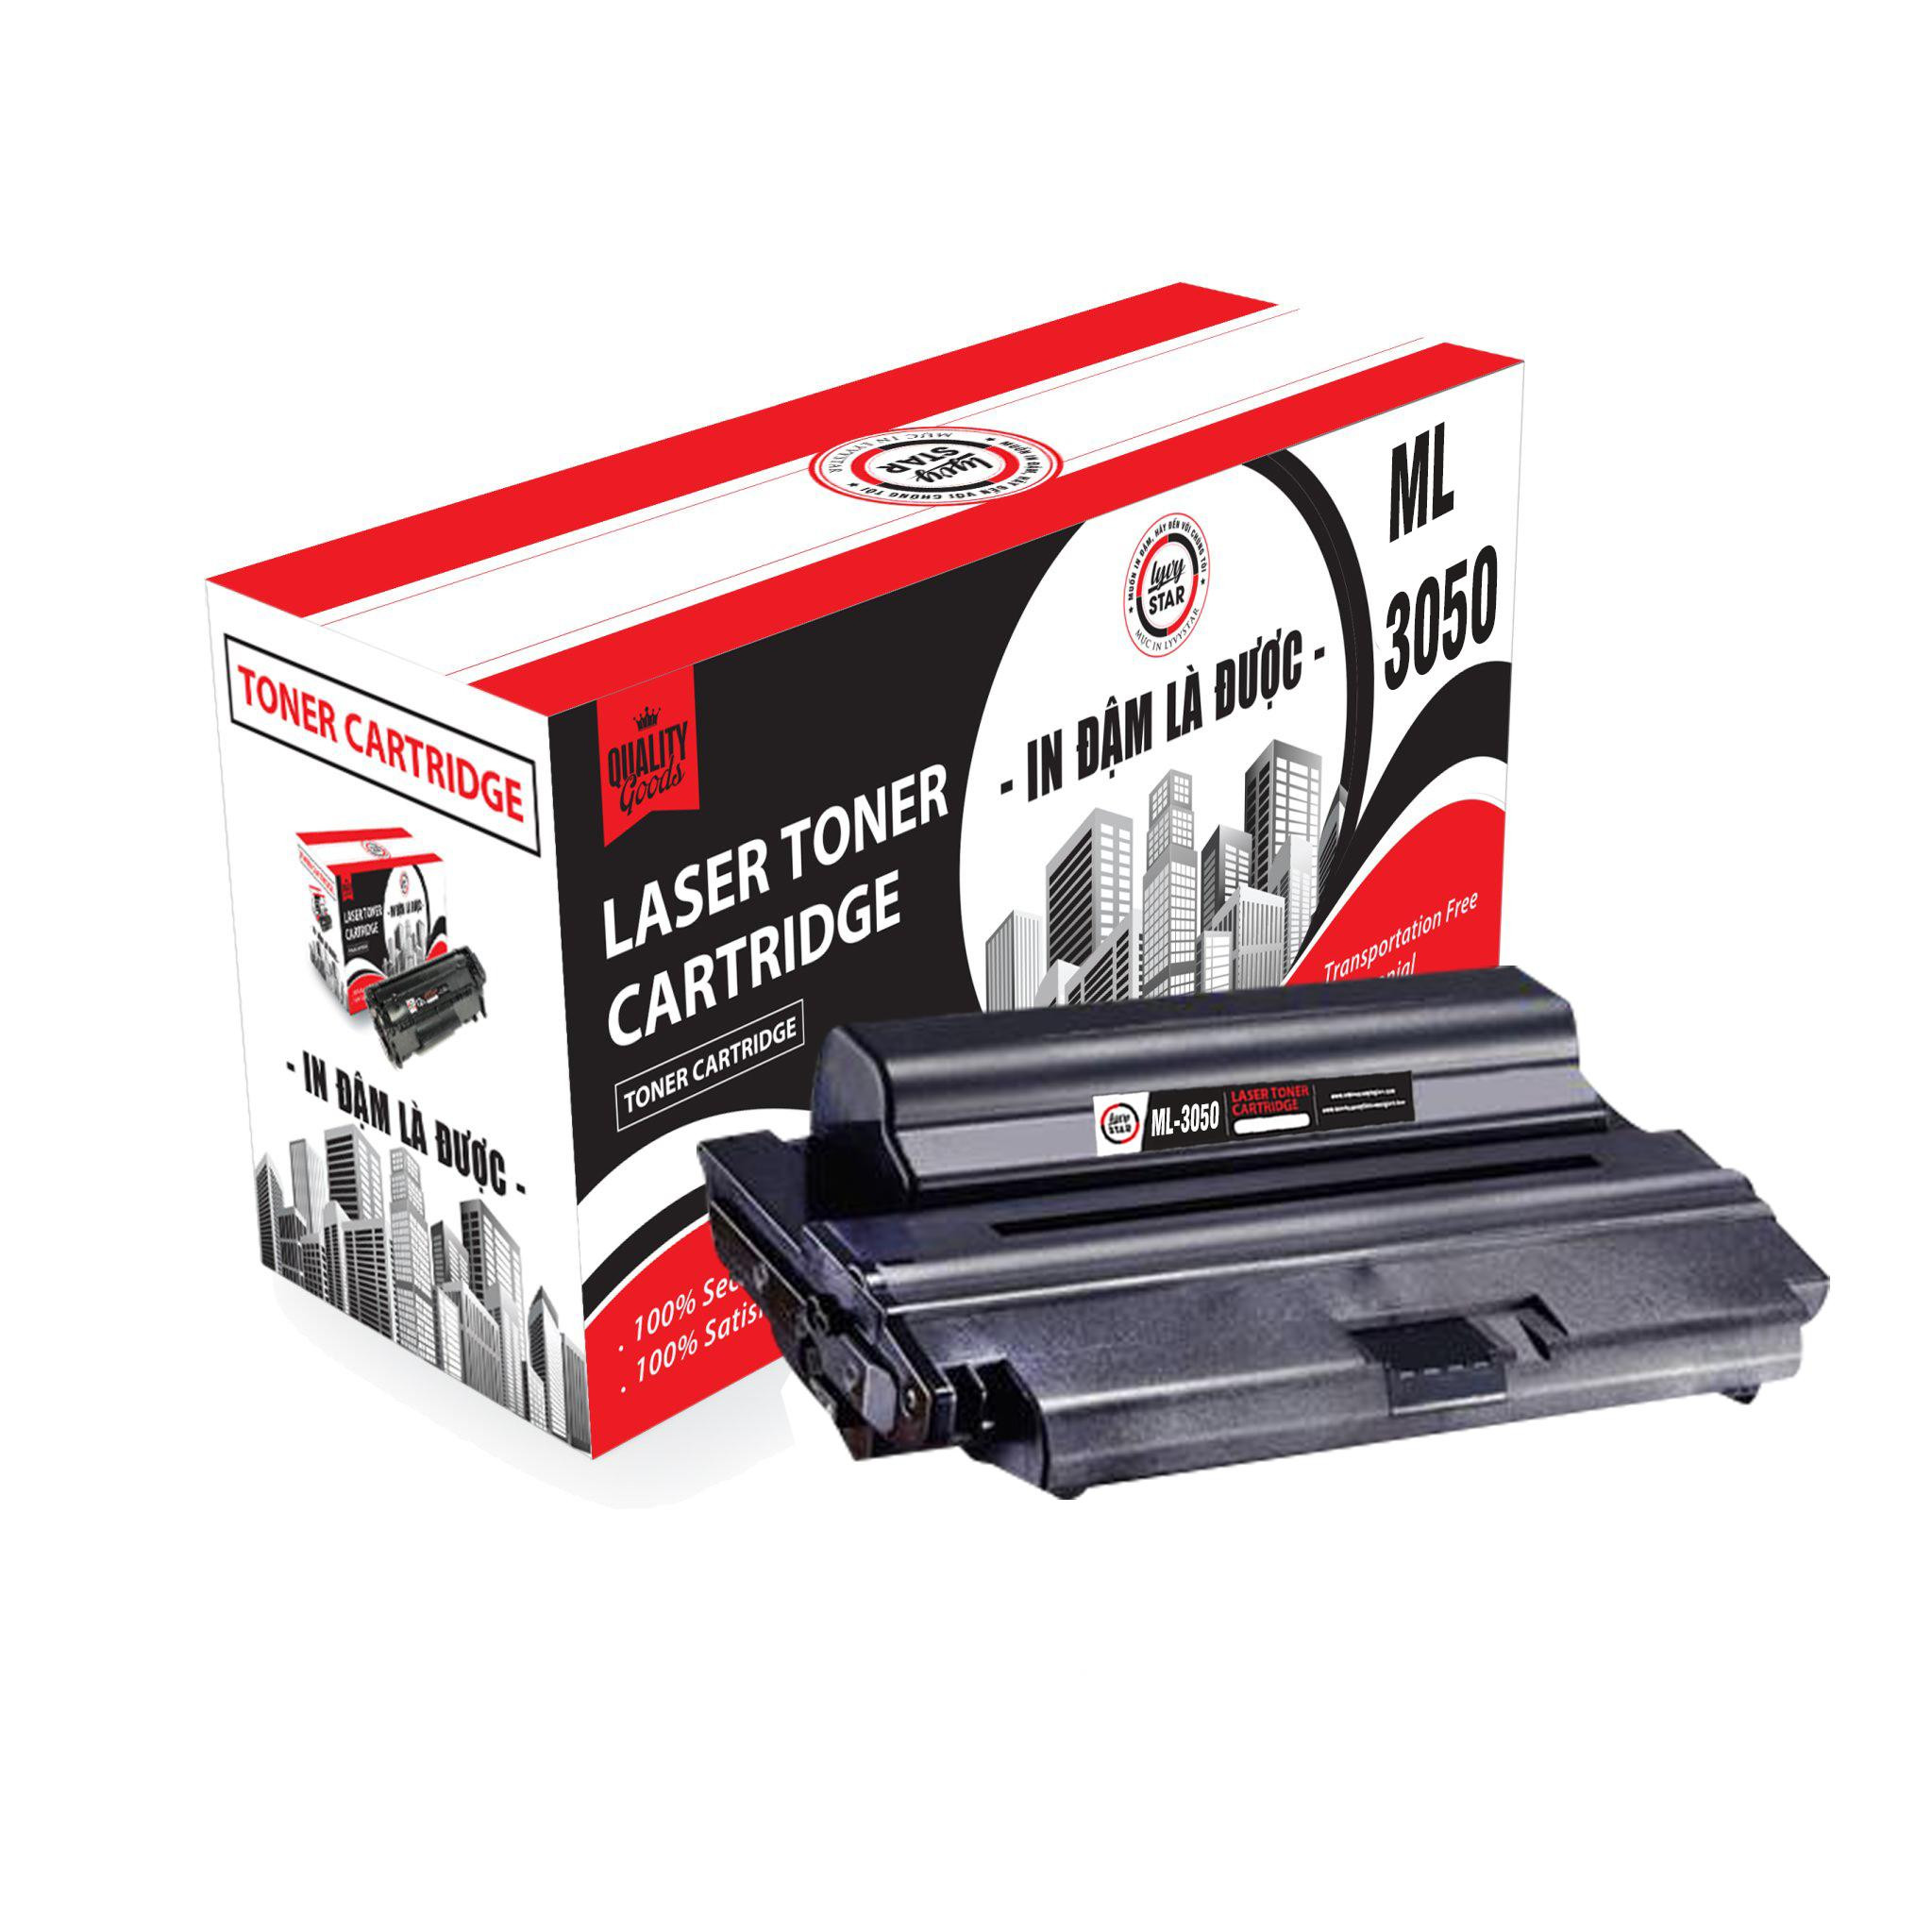 Mực cartridge Lyvystar ML-D3050A cho máy in Samsung - Hàng Chính Hãng